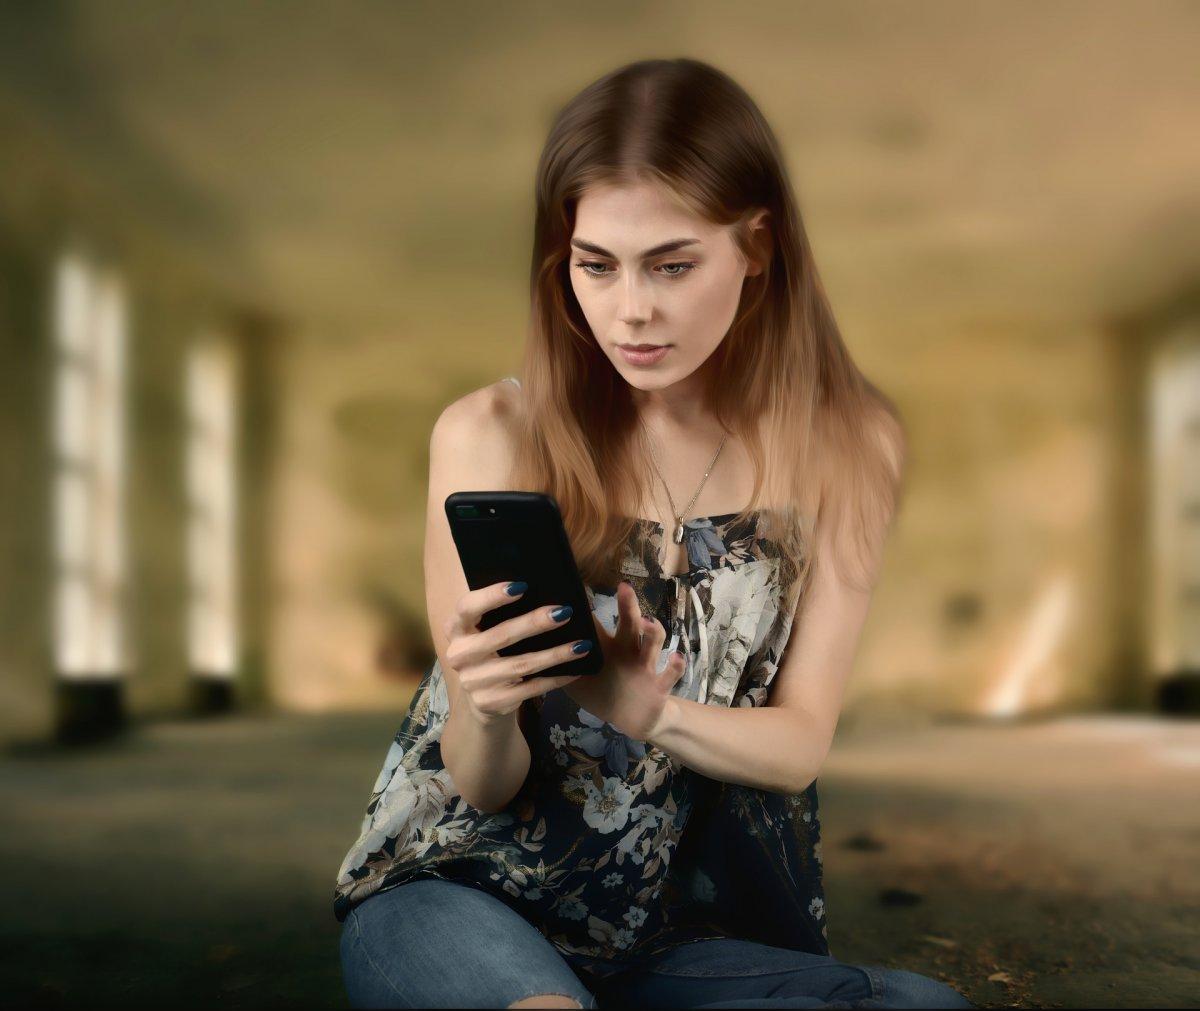 """KORONAWIRUS: Osoby w kwarantannie będą namierzane specjalną aplikacją na telefon. Zobacz, jak działa """"Kwarantanna Domowa"""""""